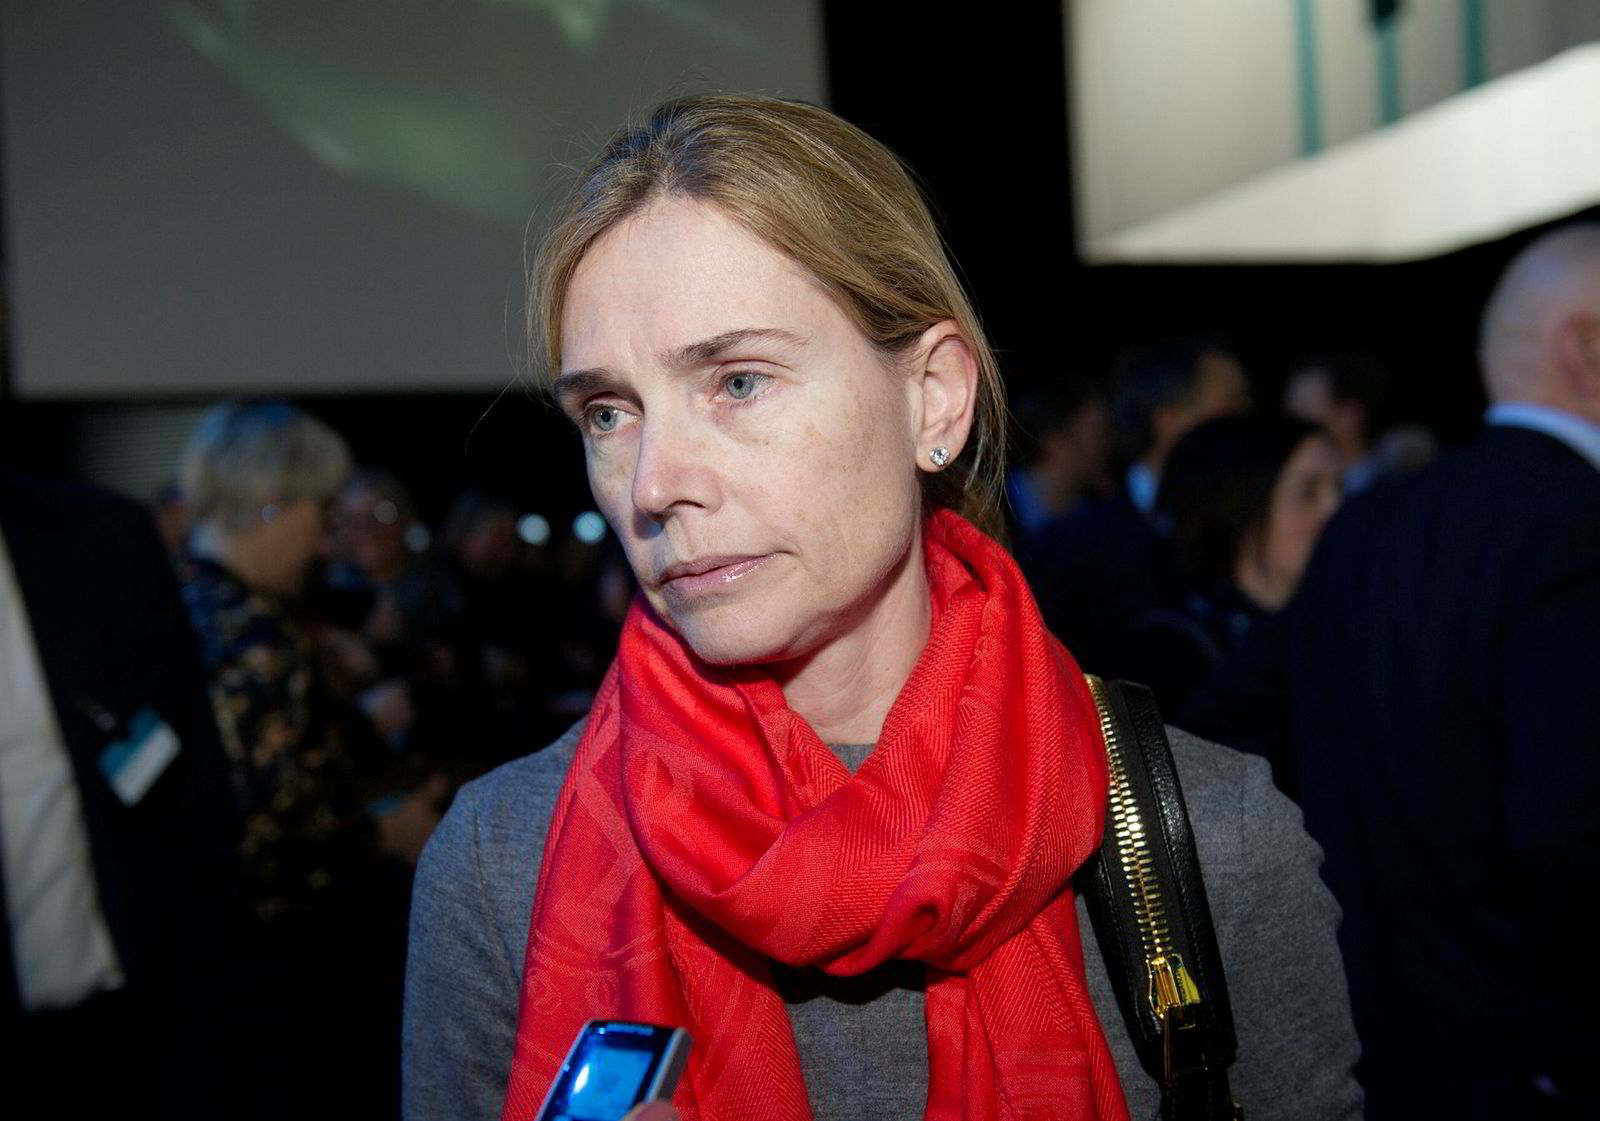 Karen Helene Ulltveit-Moe er professor ved Økonomisk institutt ved Universitetet i Oslo. Hun tror ikke Donald Trump vil ta til fornuften.